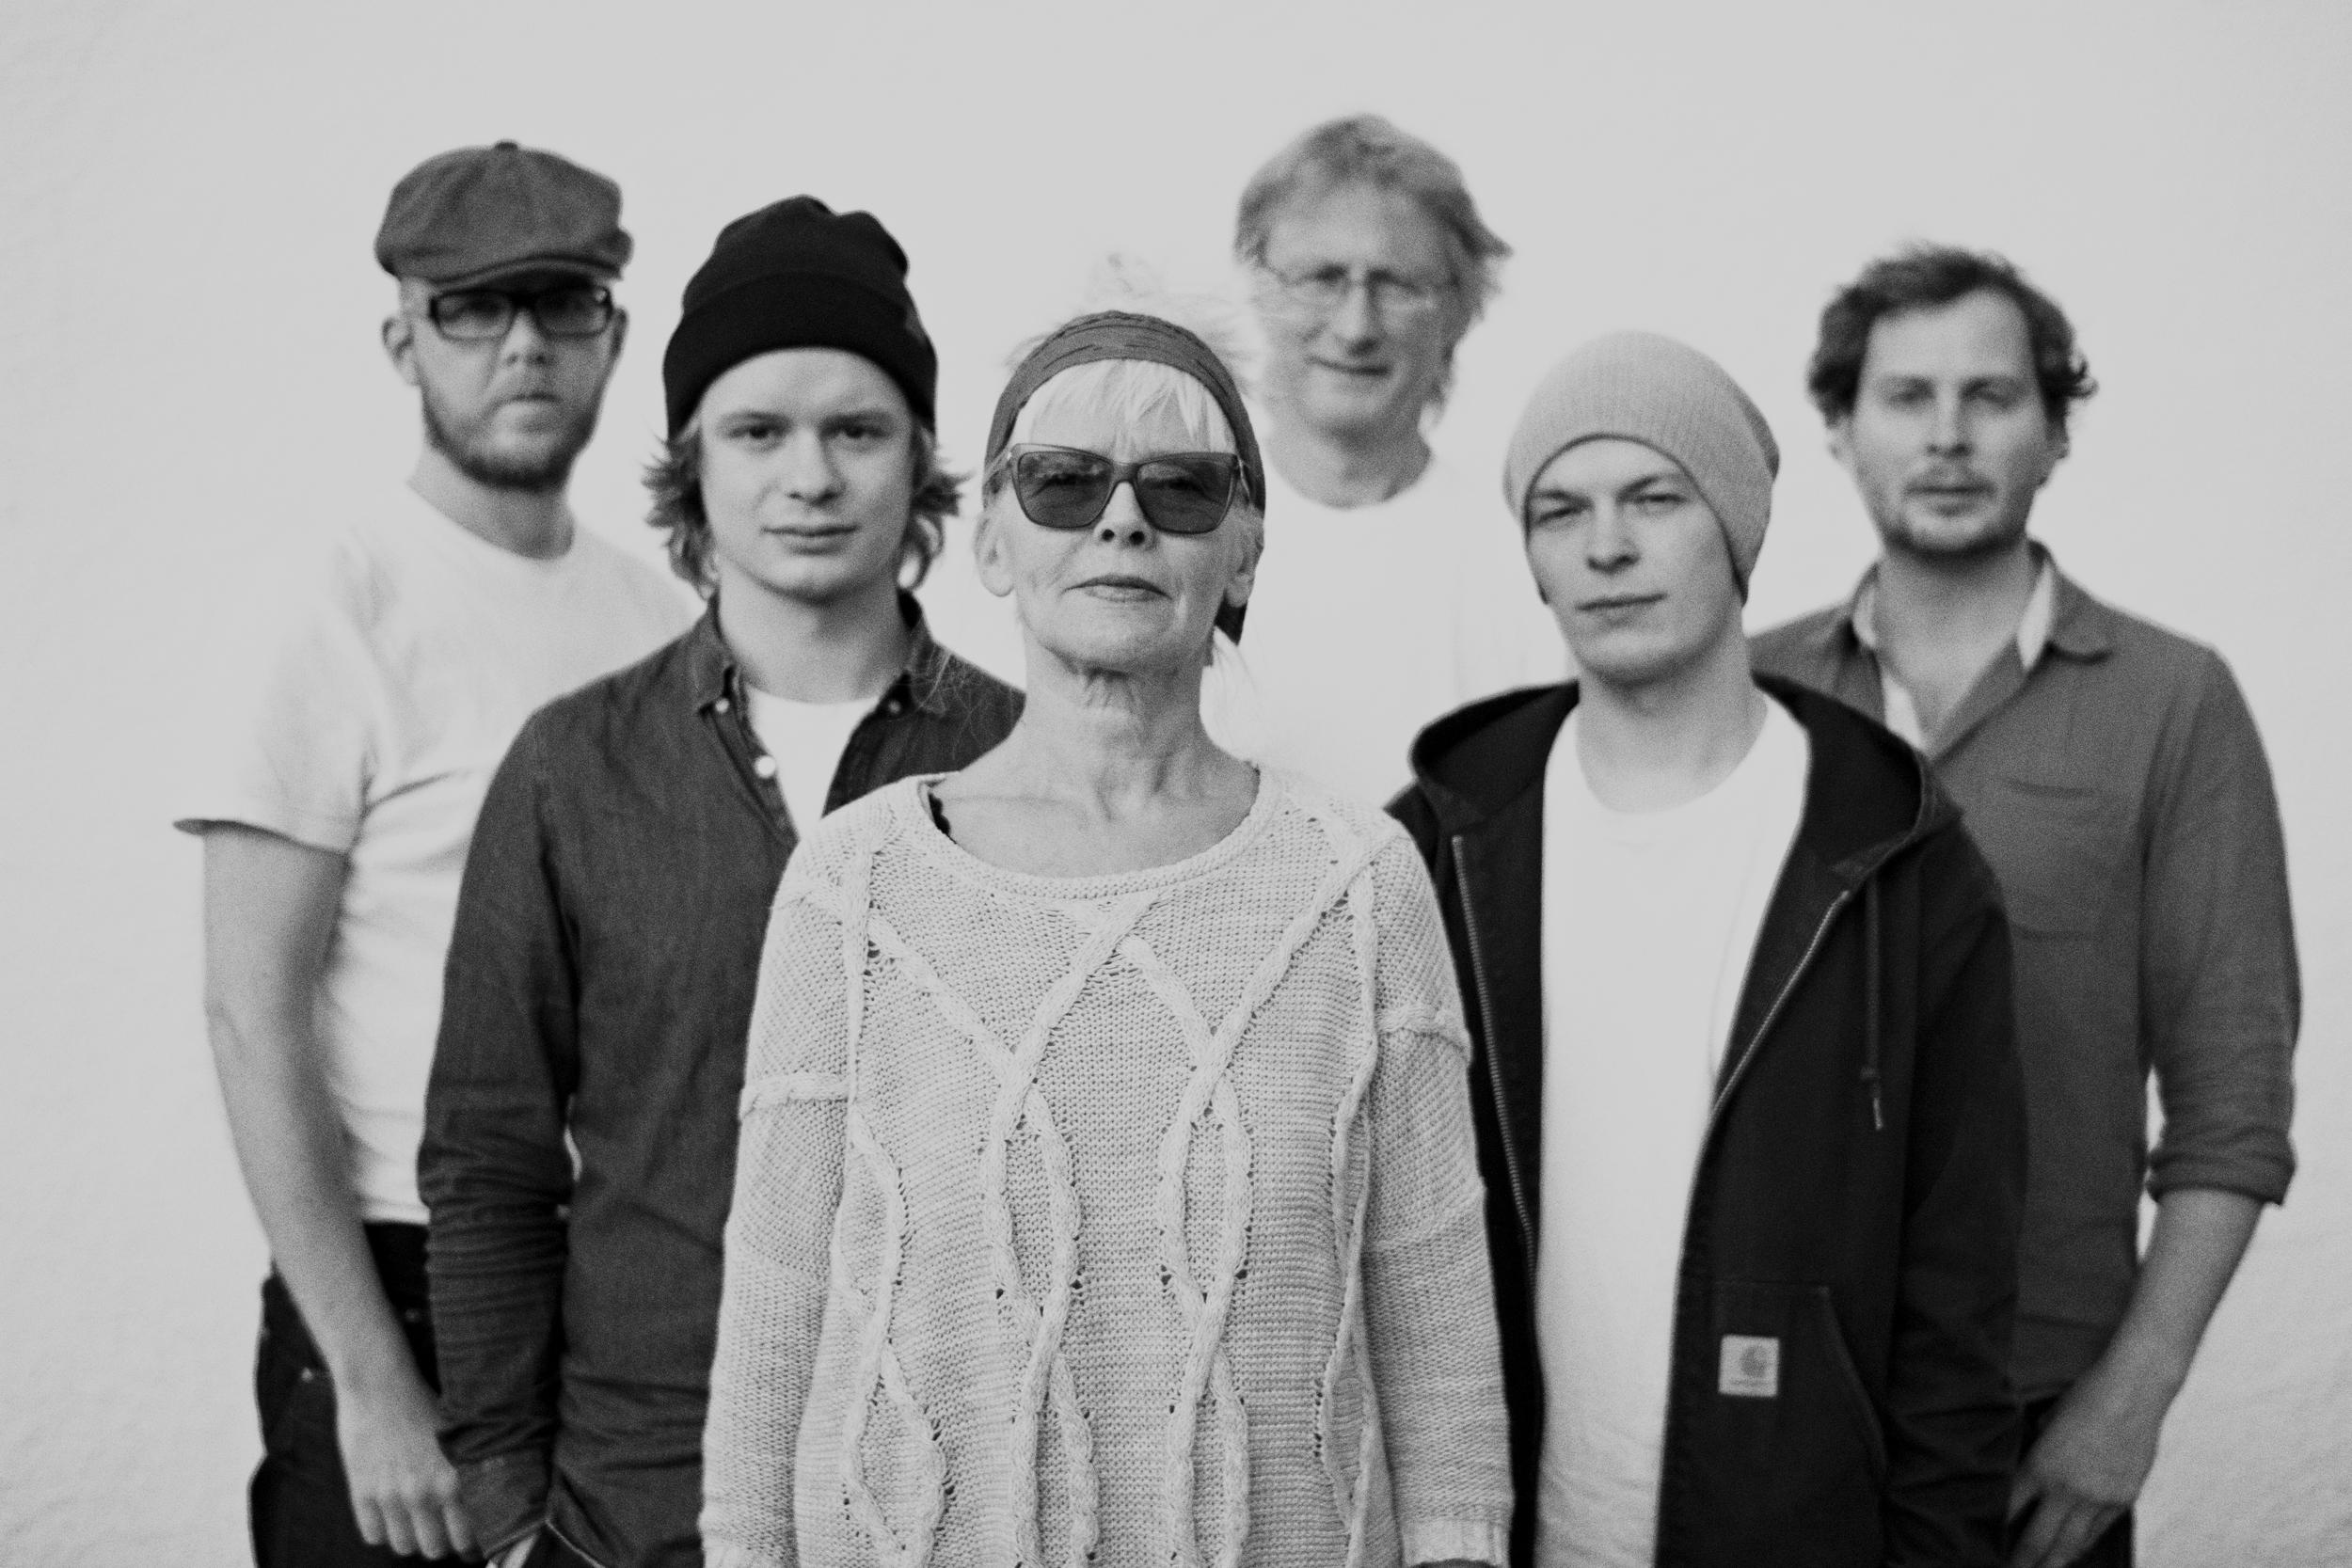 Marit Sandvik & Nova Onda   Foto: Carl Christian Lein Størmer   Trykk her for å laste ned bildet i full oppløsning